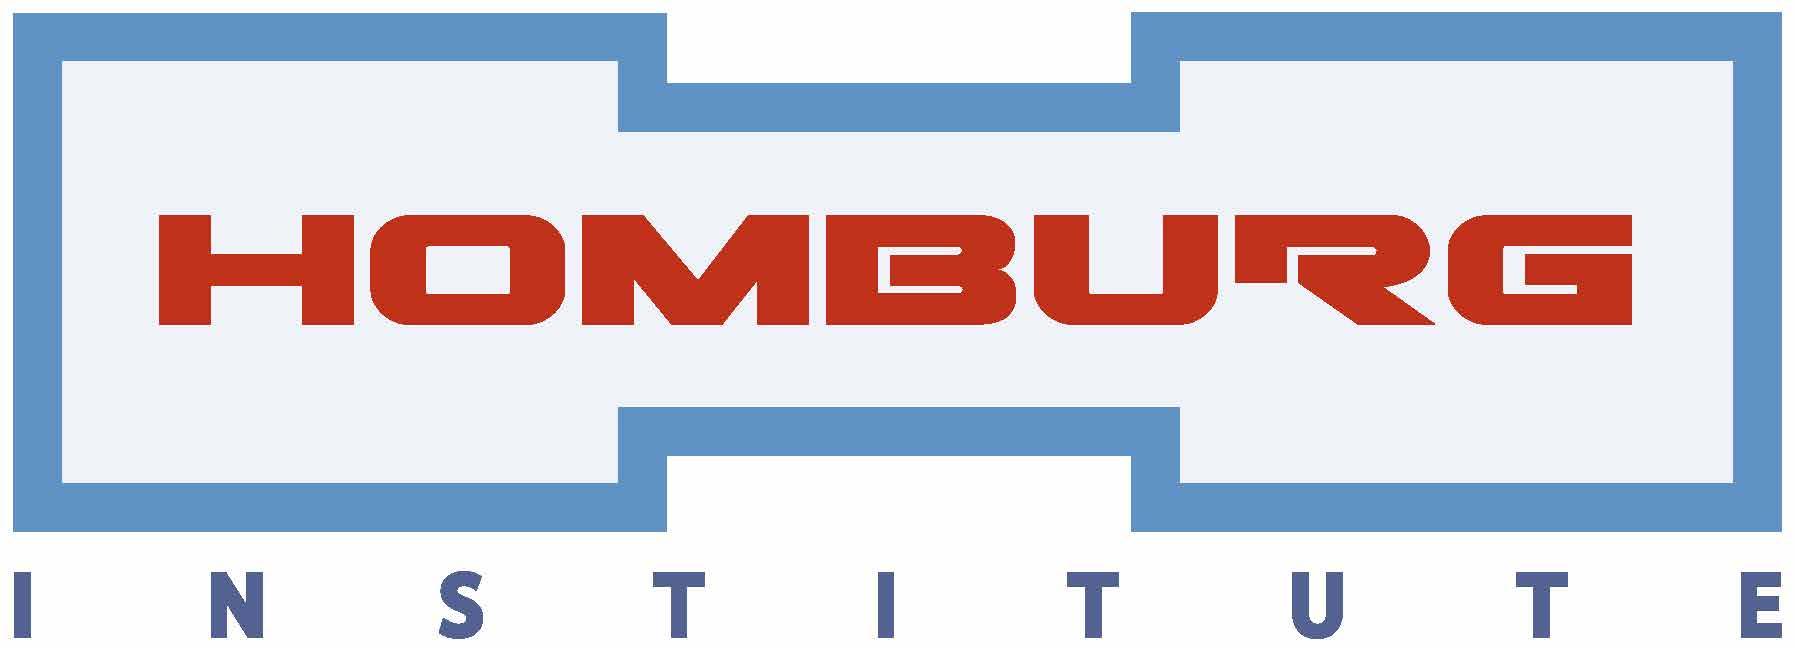 Homburg Insitute Logo